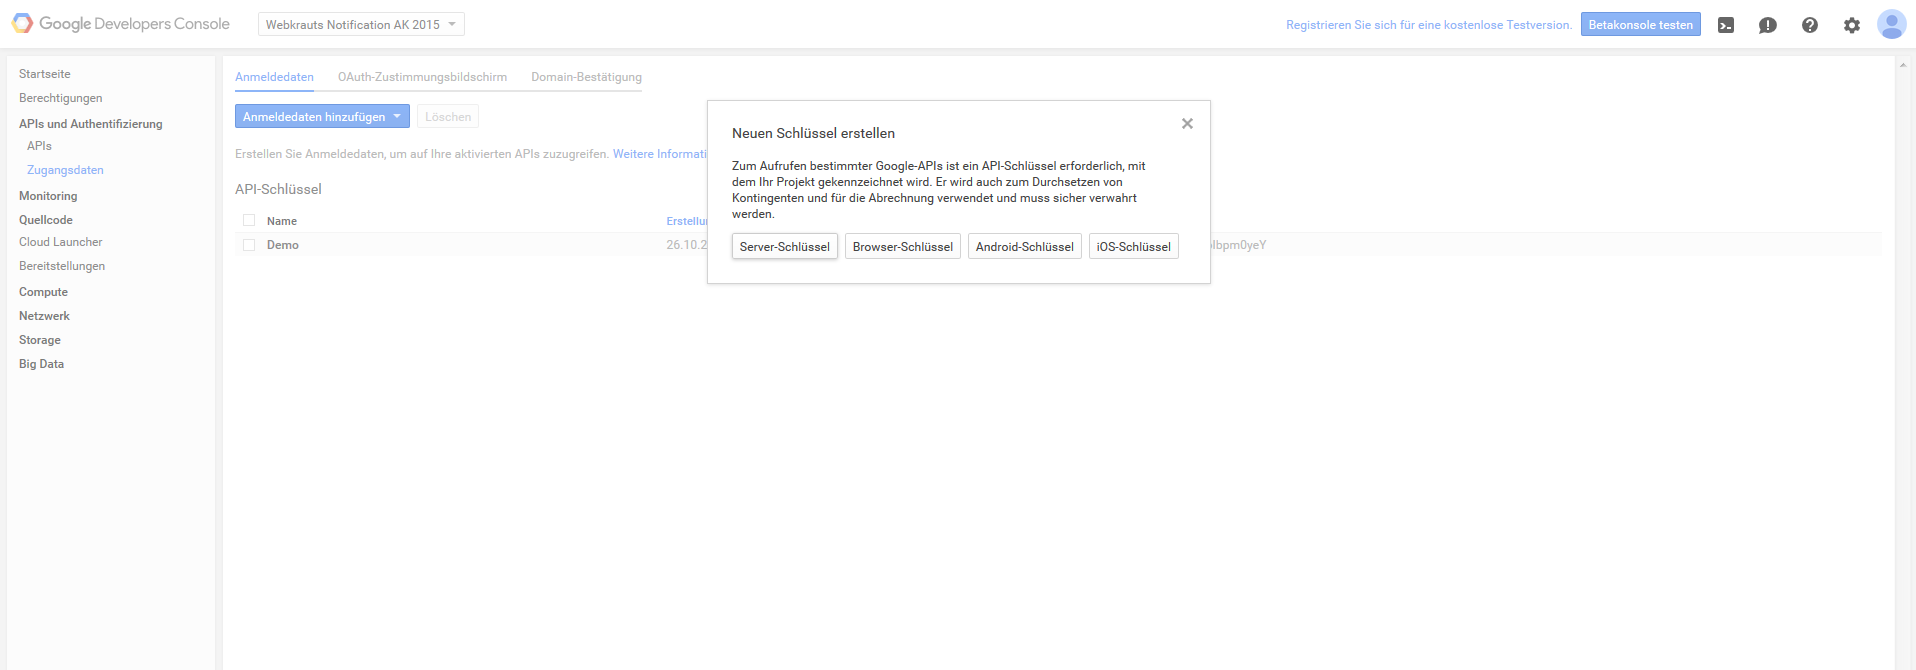 Ein Screenshot der Developer-Konsole von Google während der Erstellung eines API-Schlüssels.